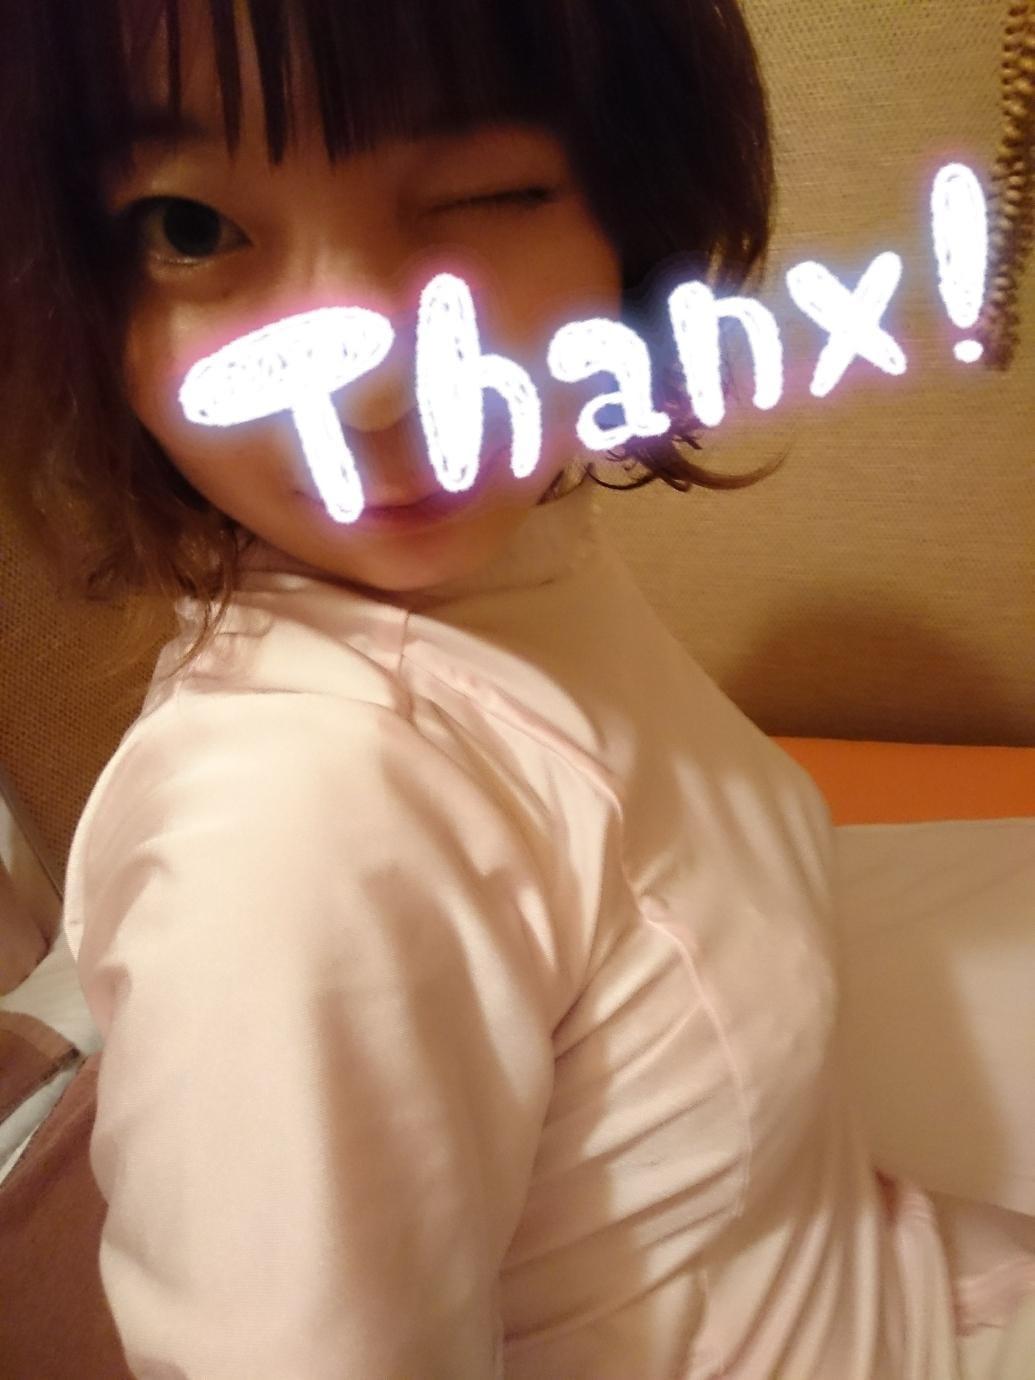 まこと「0520#お礼」05/21(月) 02:11   まことの写メ・風俗動画